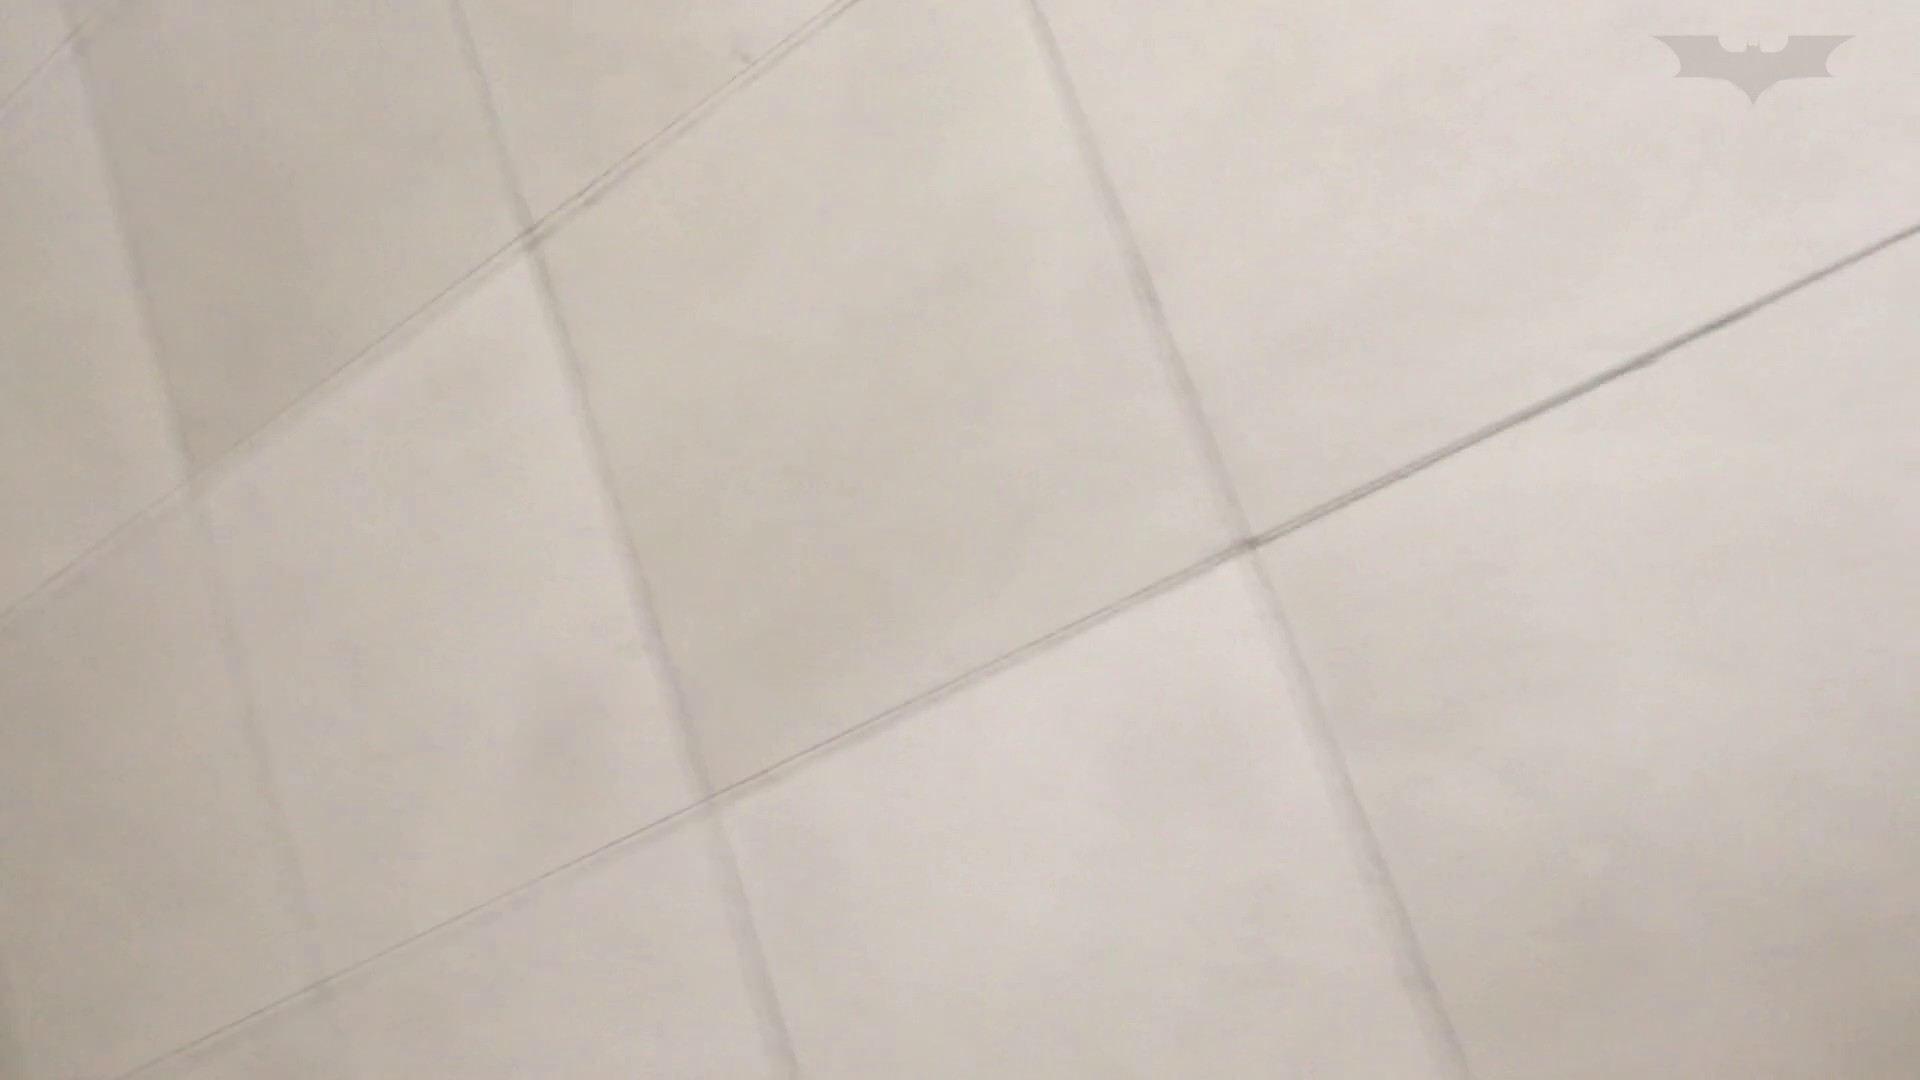 芸術大学ガチ潜入盗撮 JD盗撮 美女の洗面所の秘密 Vol.81 盗撮  62PIX 7